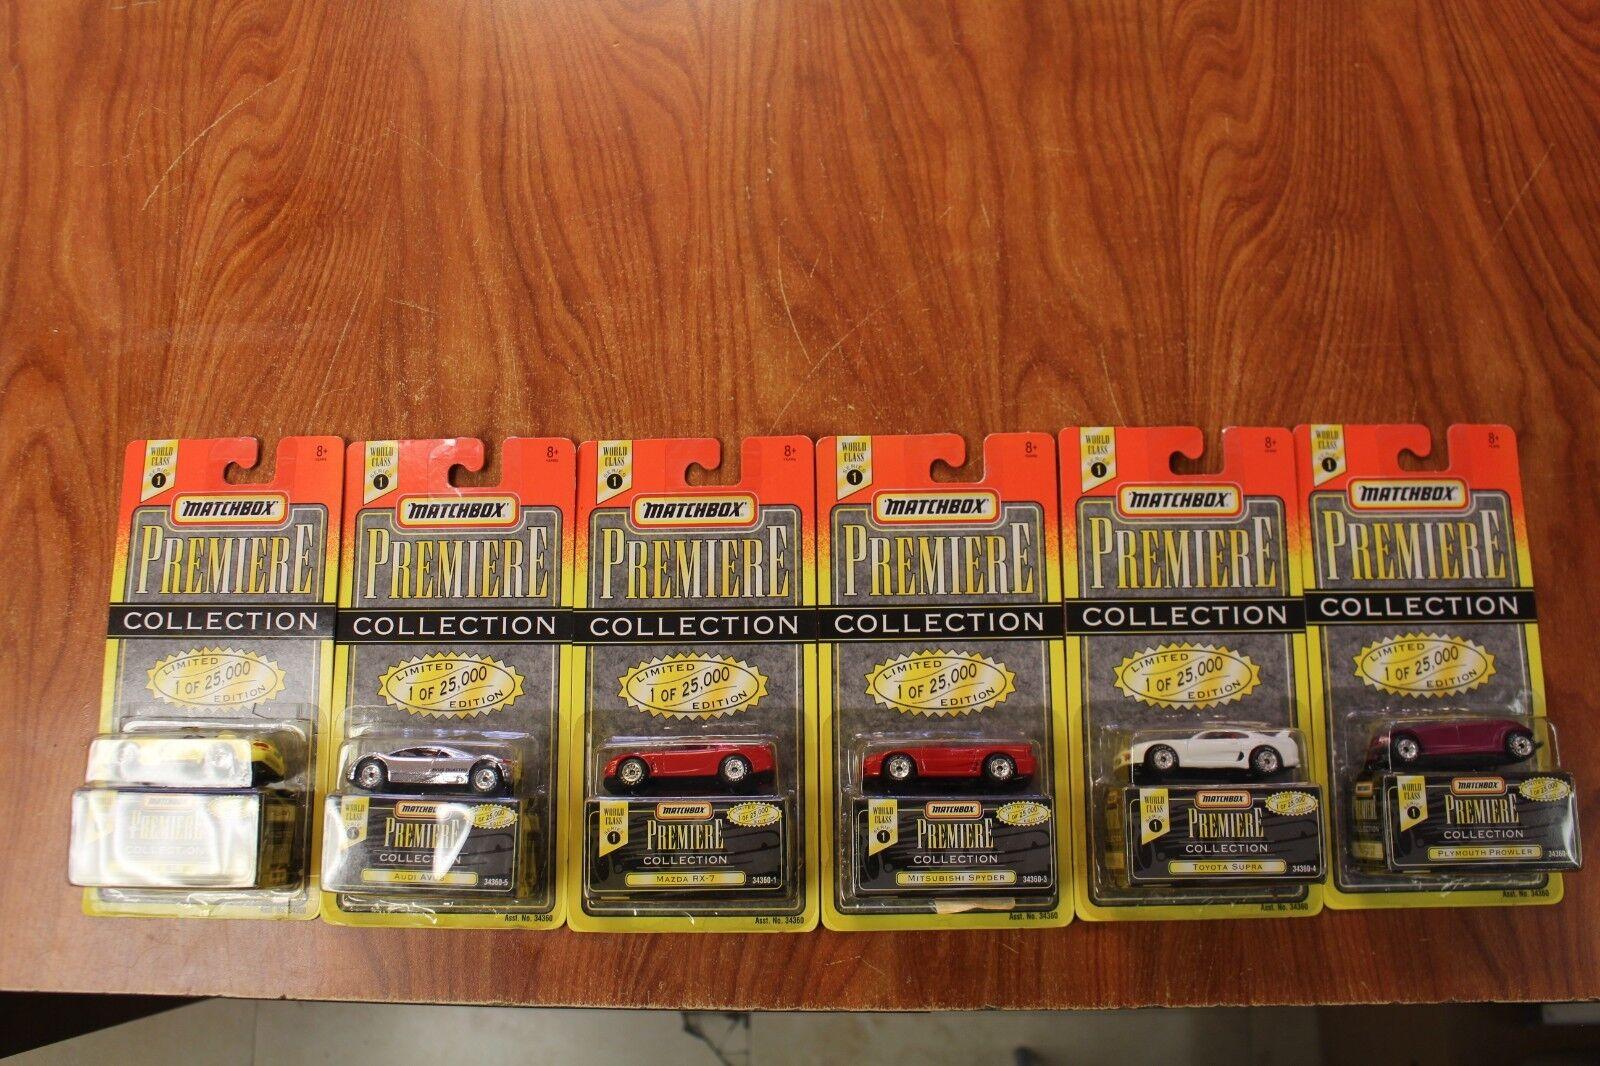 60% de descuento Juego completo de clase mundial Matchbox Premiere Colección Serie Serie Serie 1 1995 Moc todos 6  alto descuento